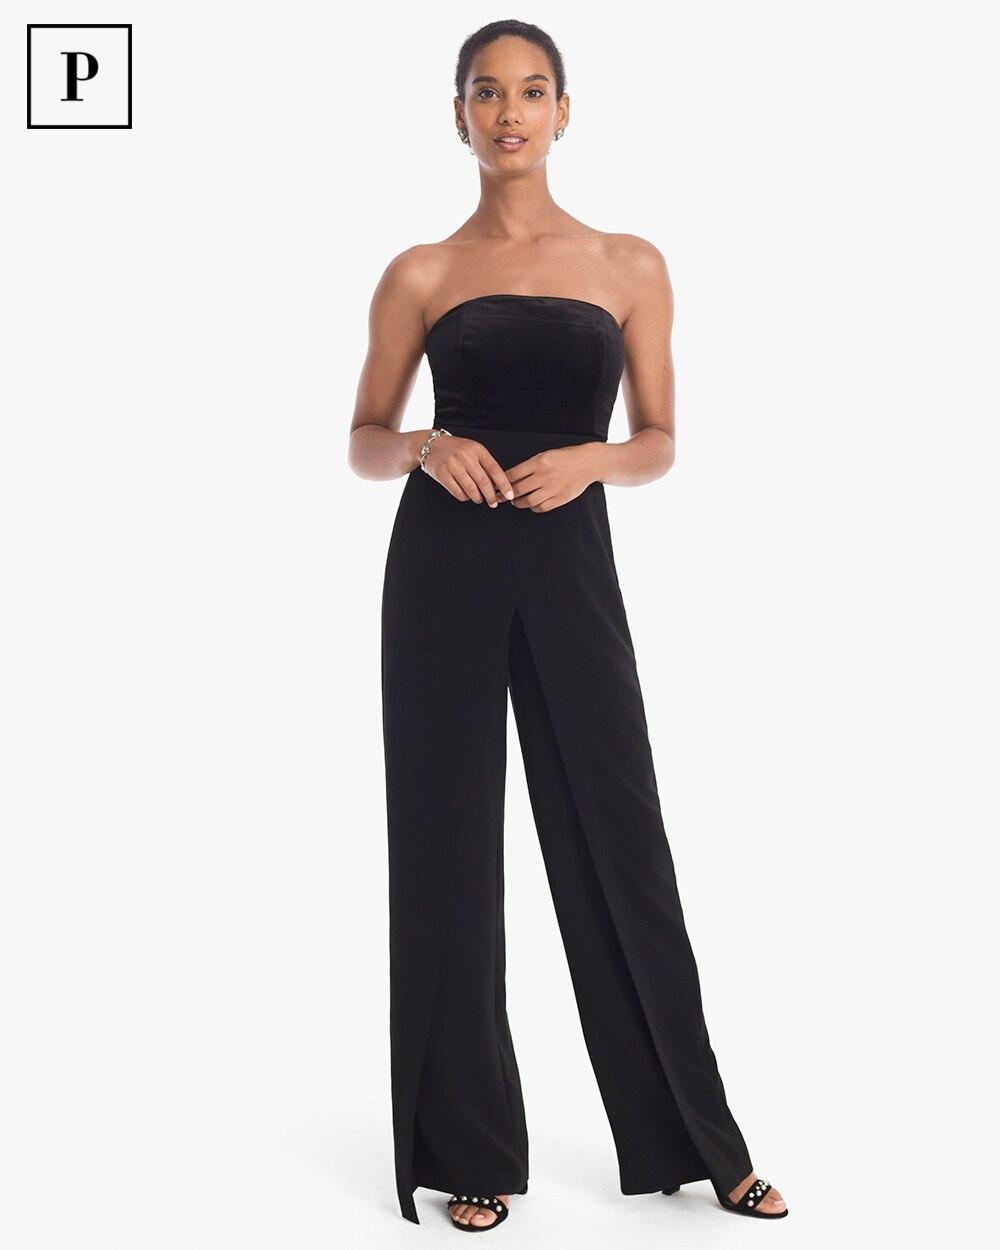 cad8984ede08 Petite Convertible Black Strapless Velvet Bodice Split-Leg Jumpsuit - White  House Black Market